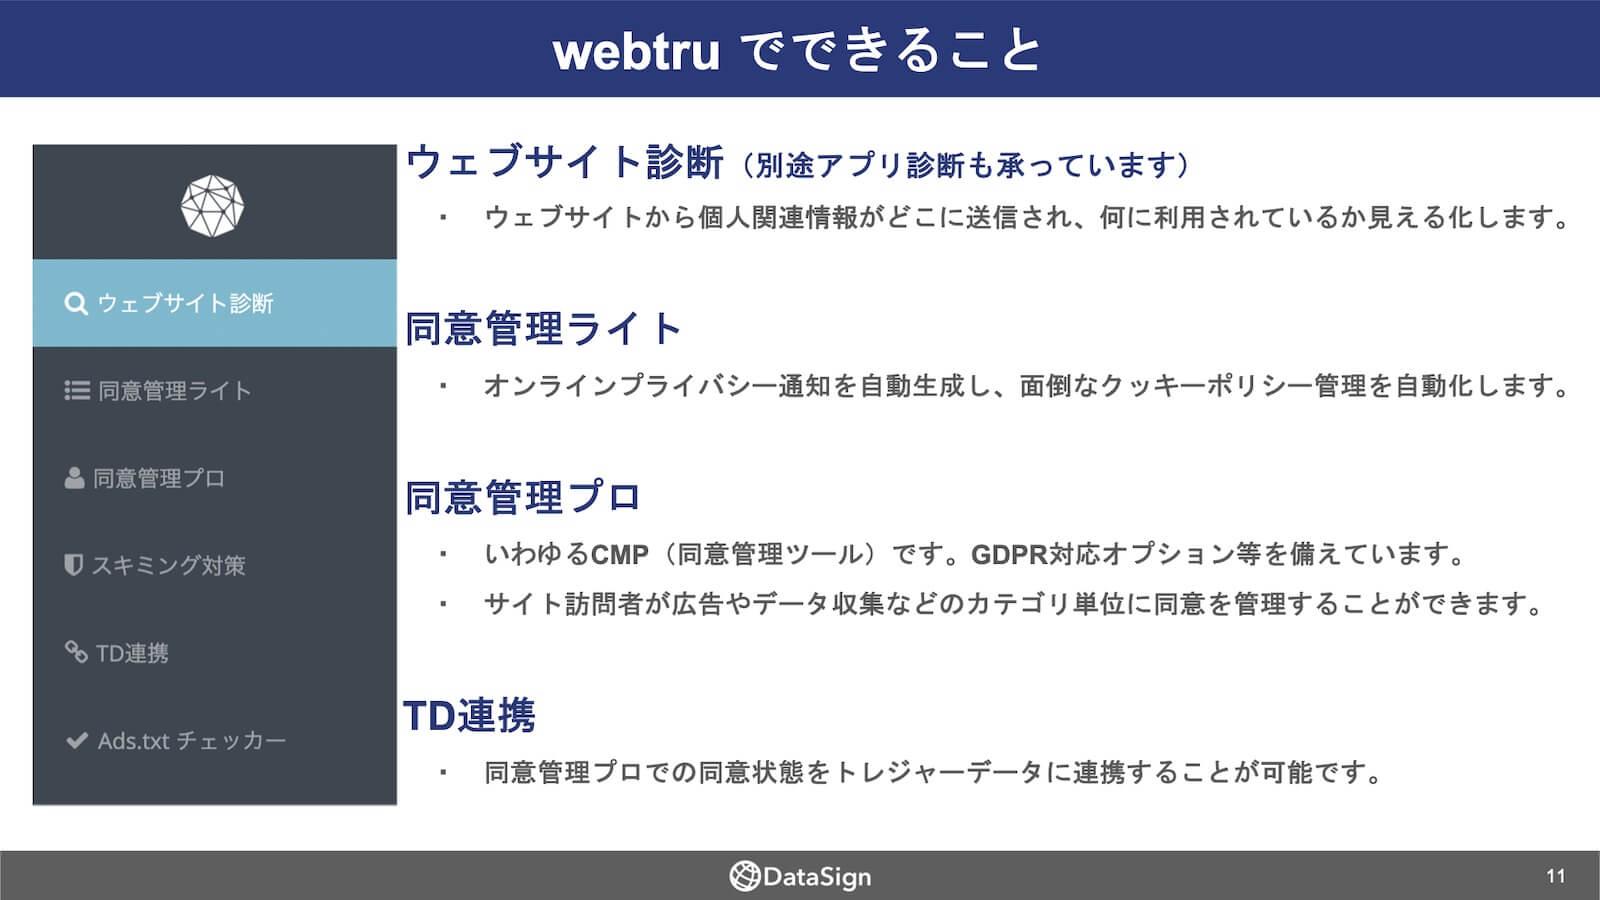 個人関連情報の取得状況を把握できるツール「webtru」